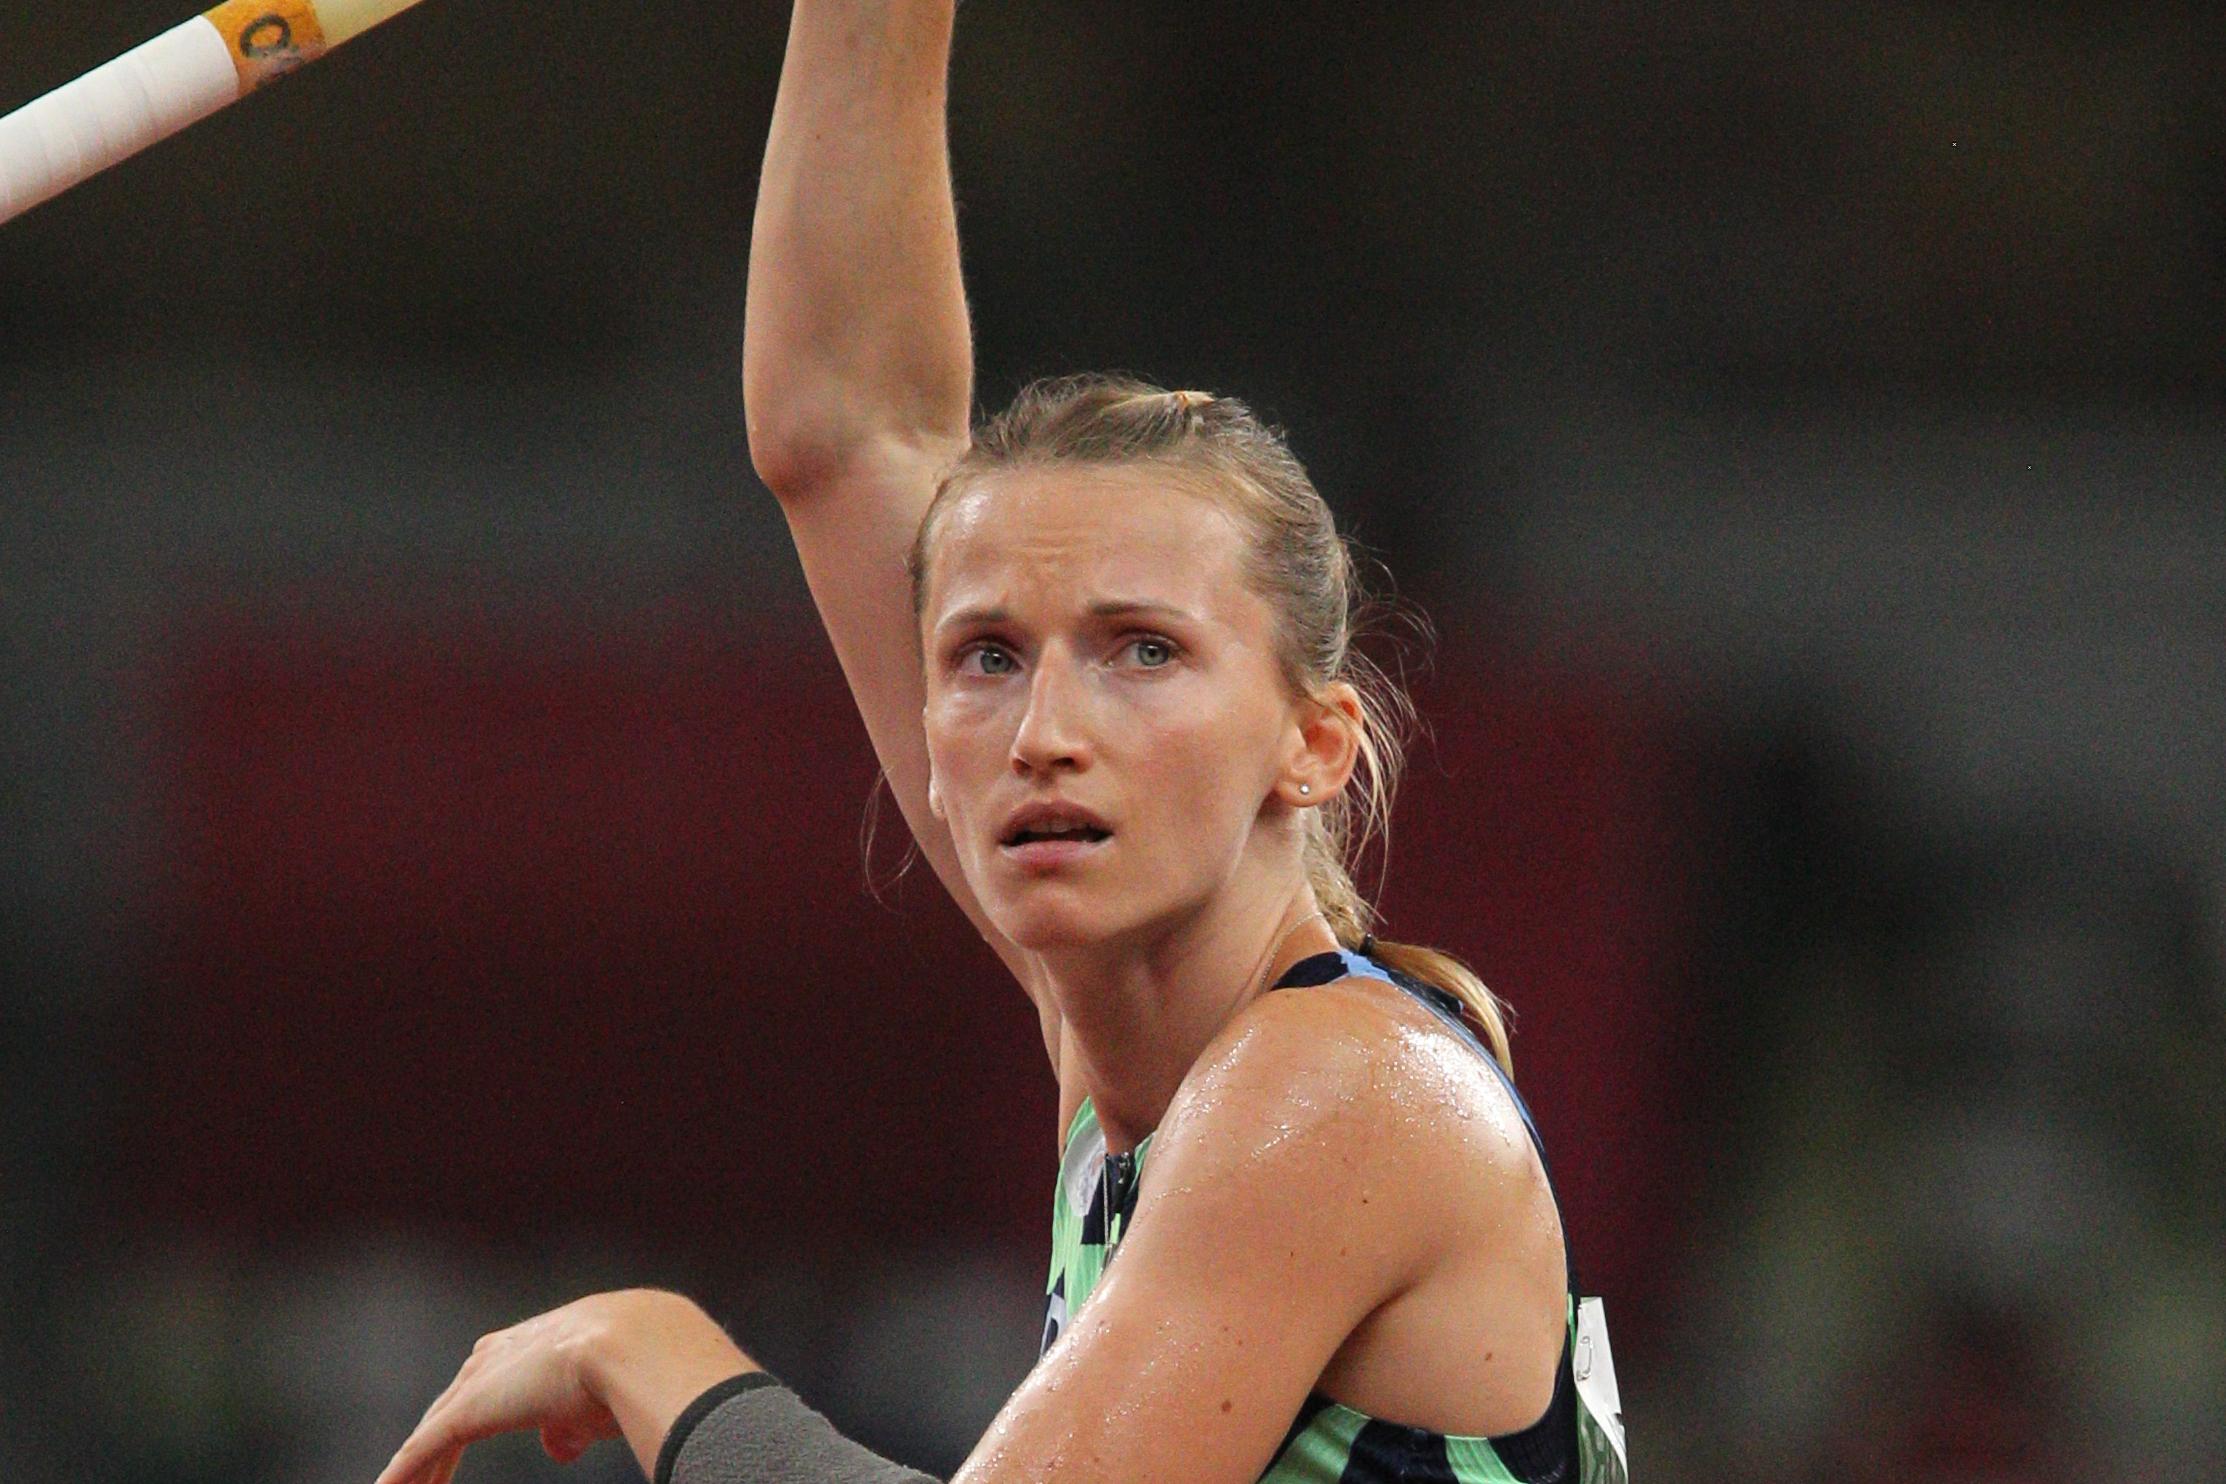 女子棒高跳のシドロワが世界歴代3位の5m01でV 世界記録保持者のロハス、デュプランティス、ワルホルムも優勝飾る/DLファイナル